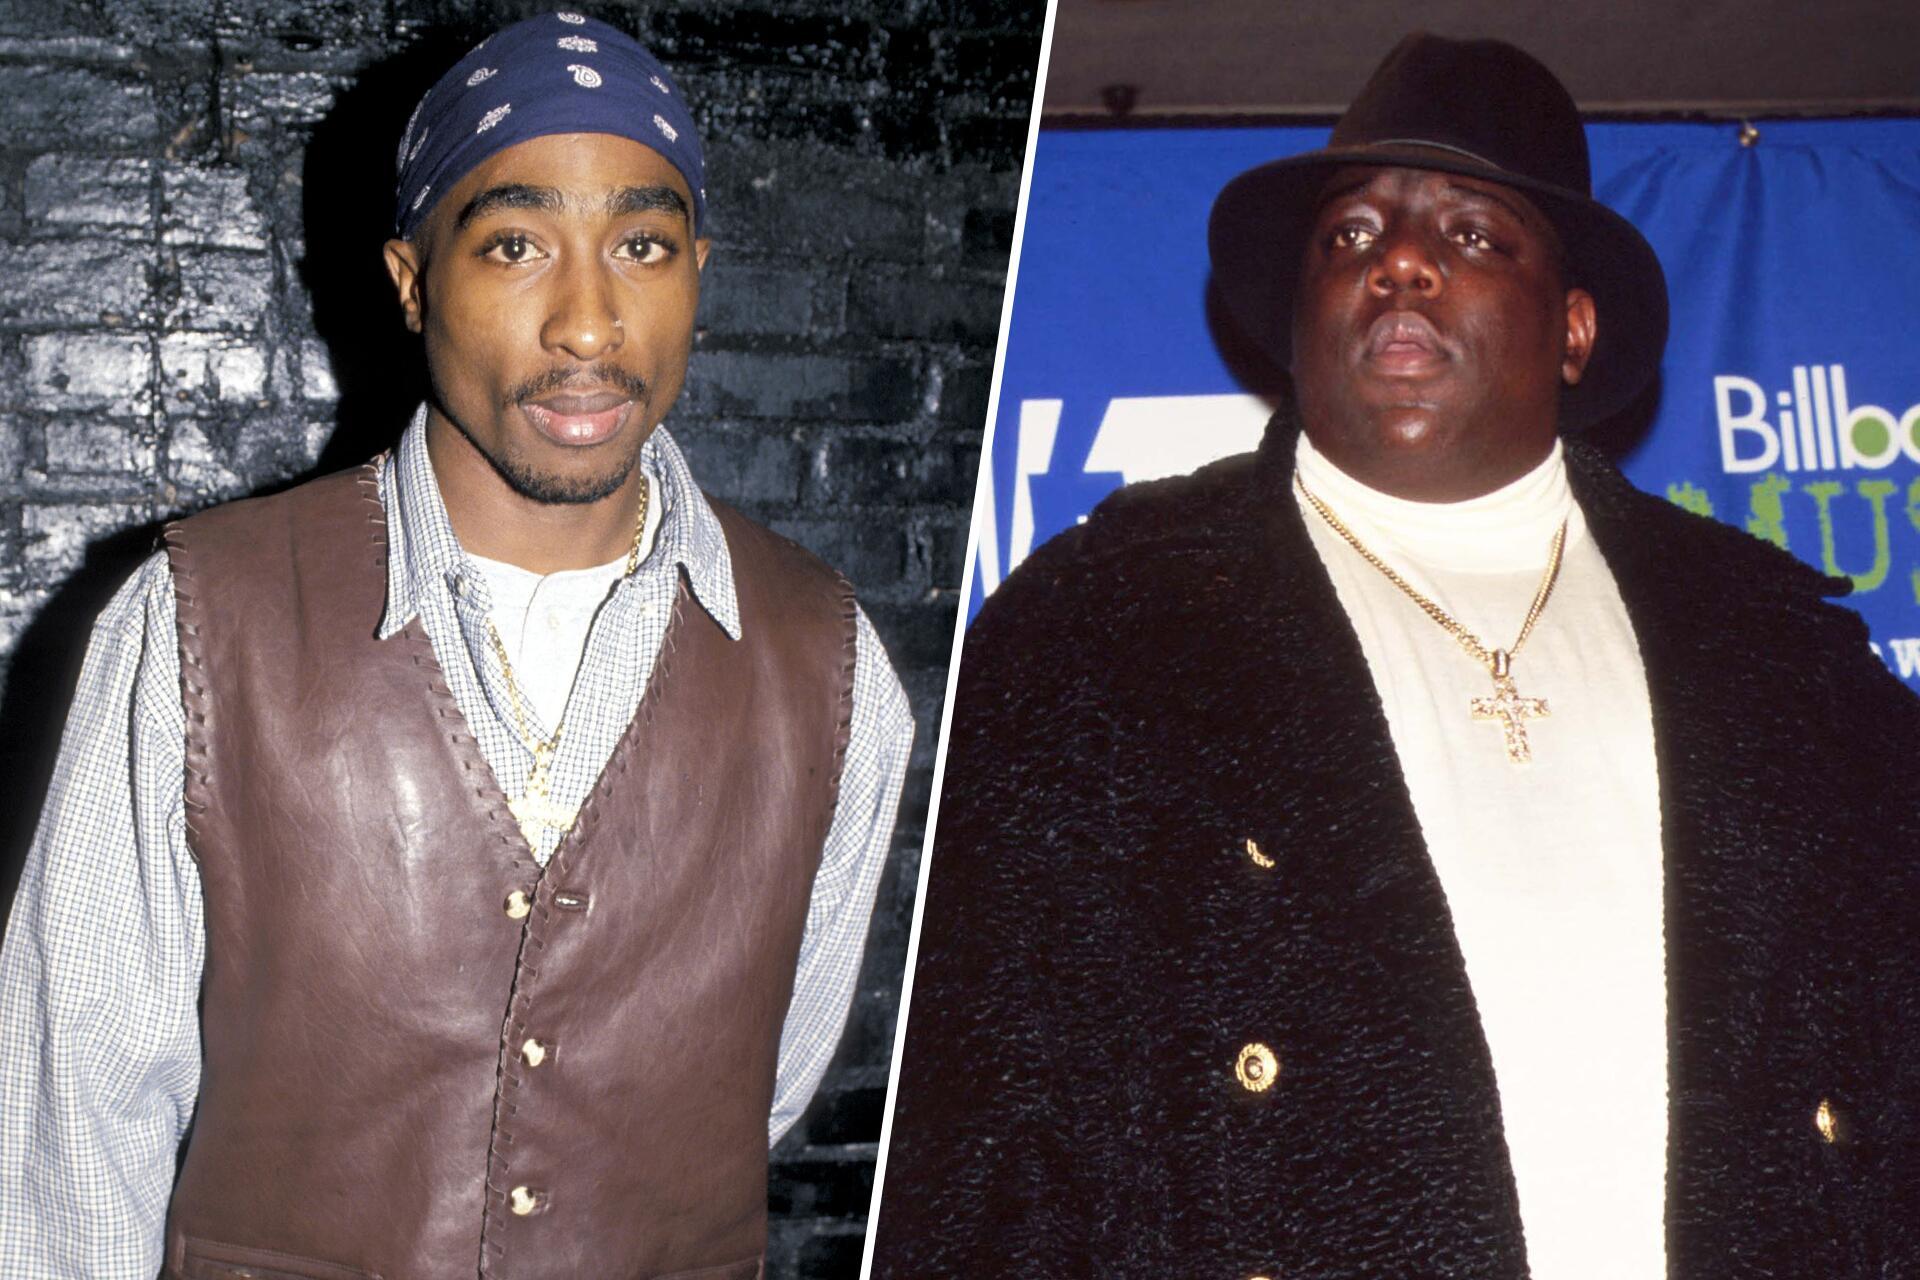 Bild zu Tupac Shakur, Notorious B.I.G.